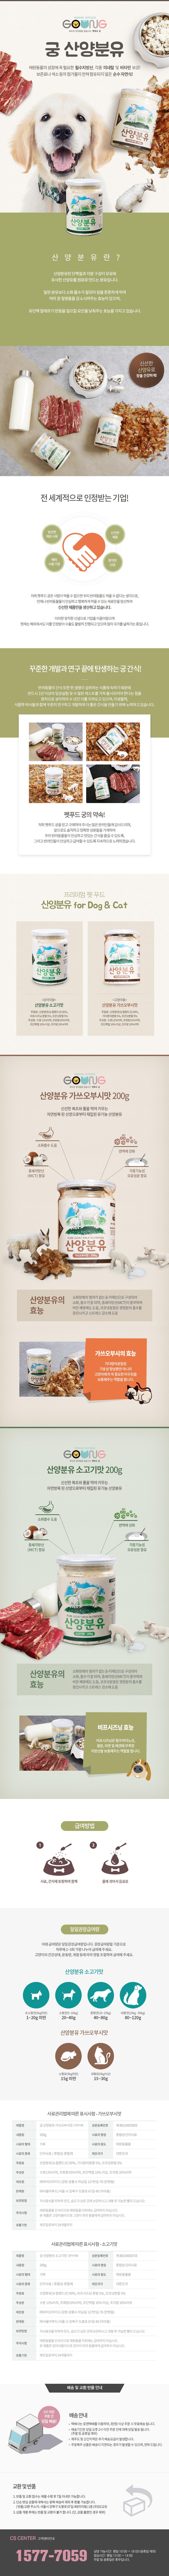 펫푸드궁 산양분유 소고기맛 강아지용 200g - 에이미러브즈펫, 8,000원, 간식/영양제, 수제간식